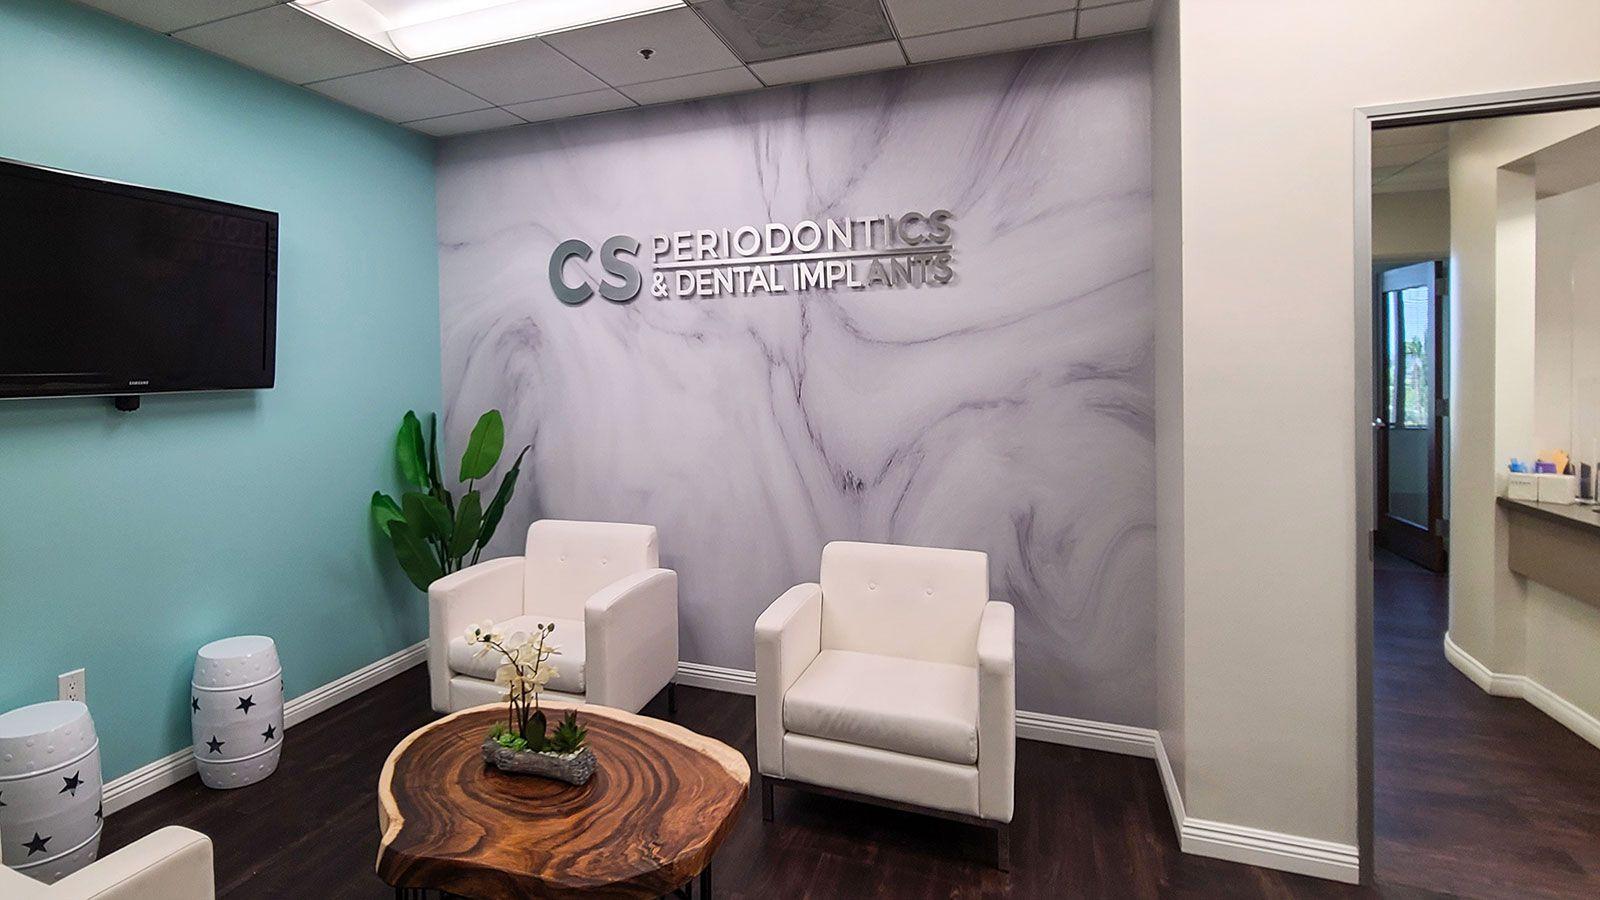 dental clinic aluminum 3d letters